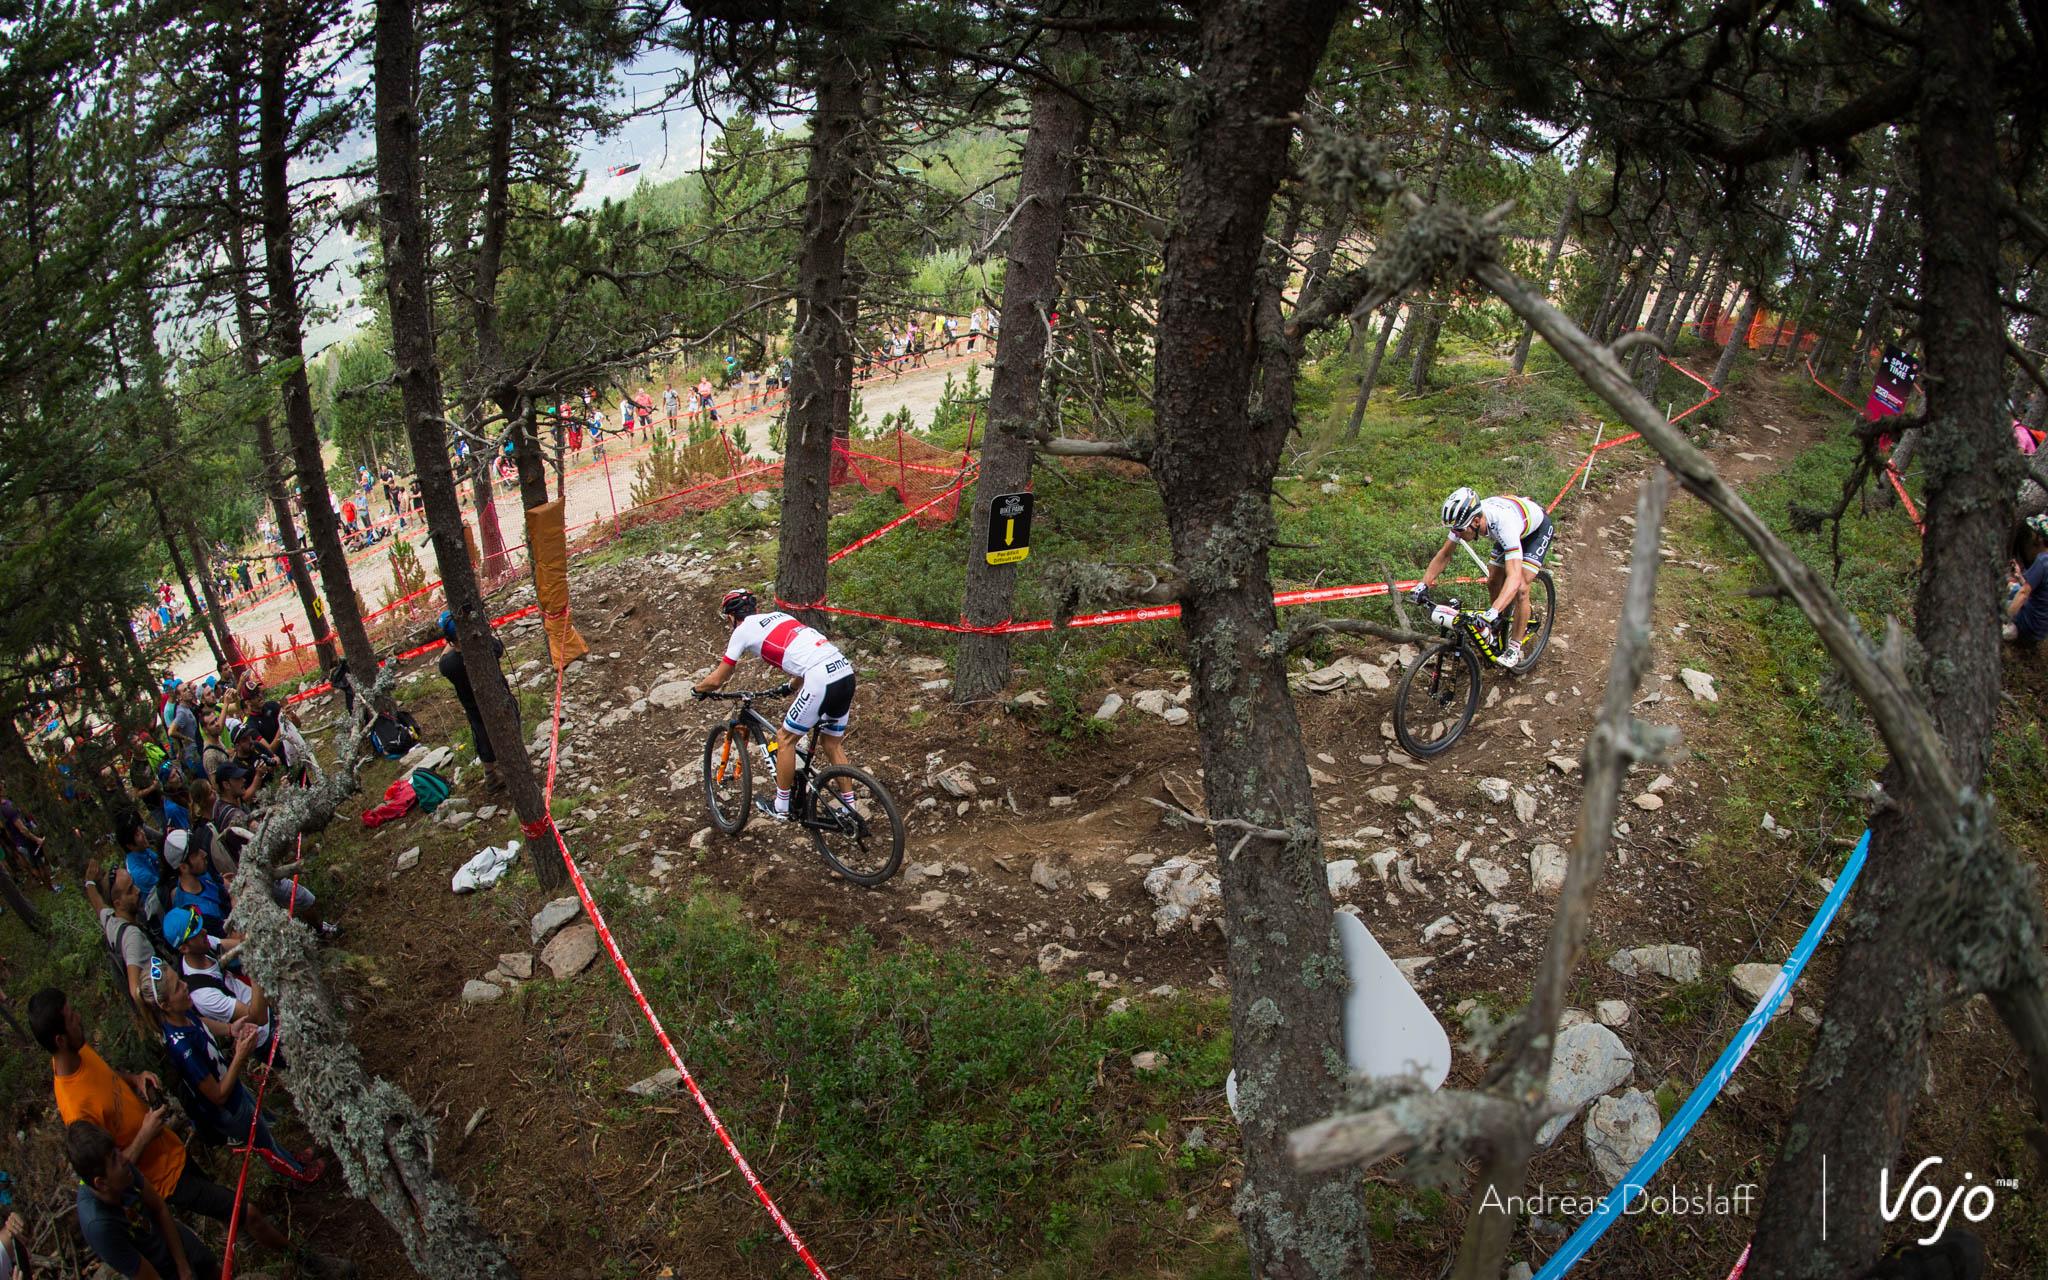 1, Absalon, Julien, BMC MTB, , FRA 2, Schurter, Nino, Scott-Odlo, , SUI